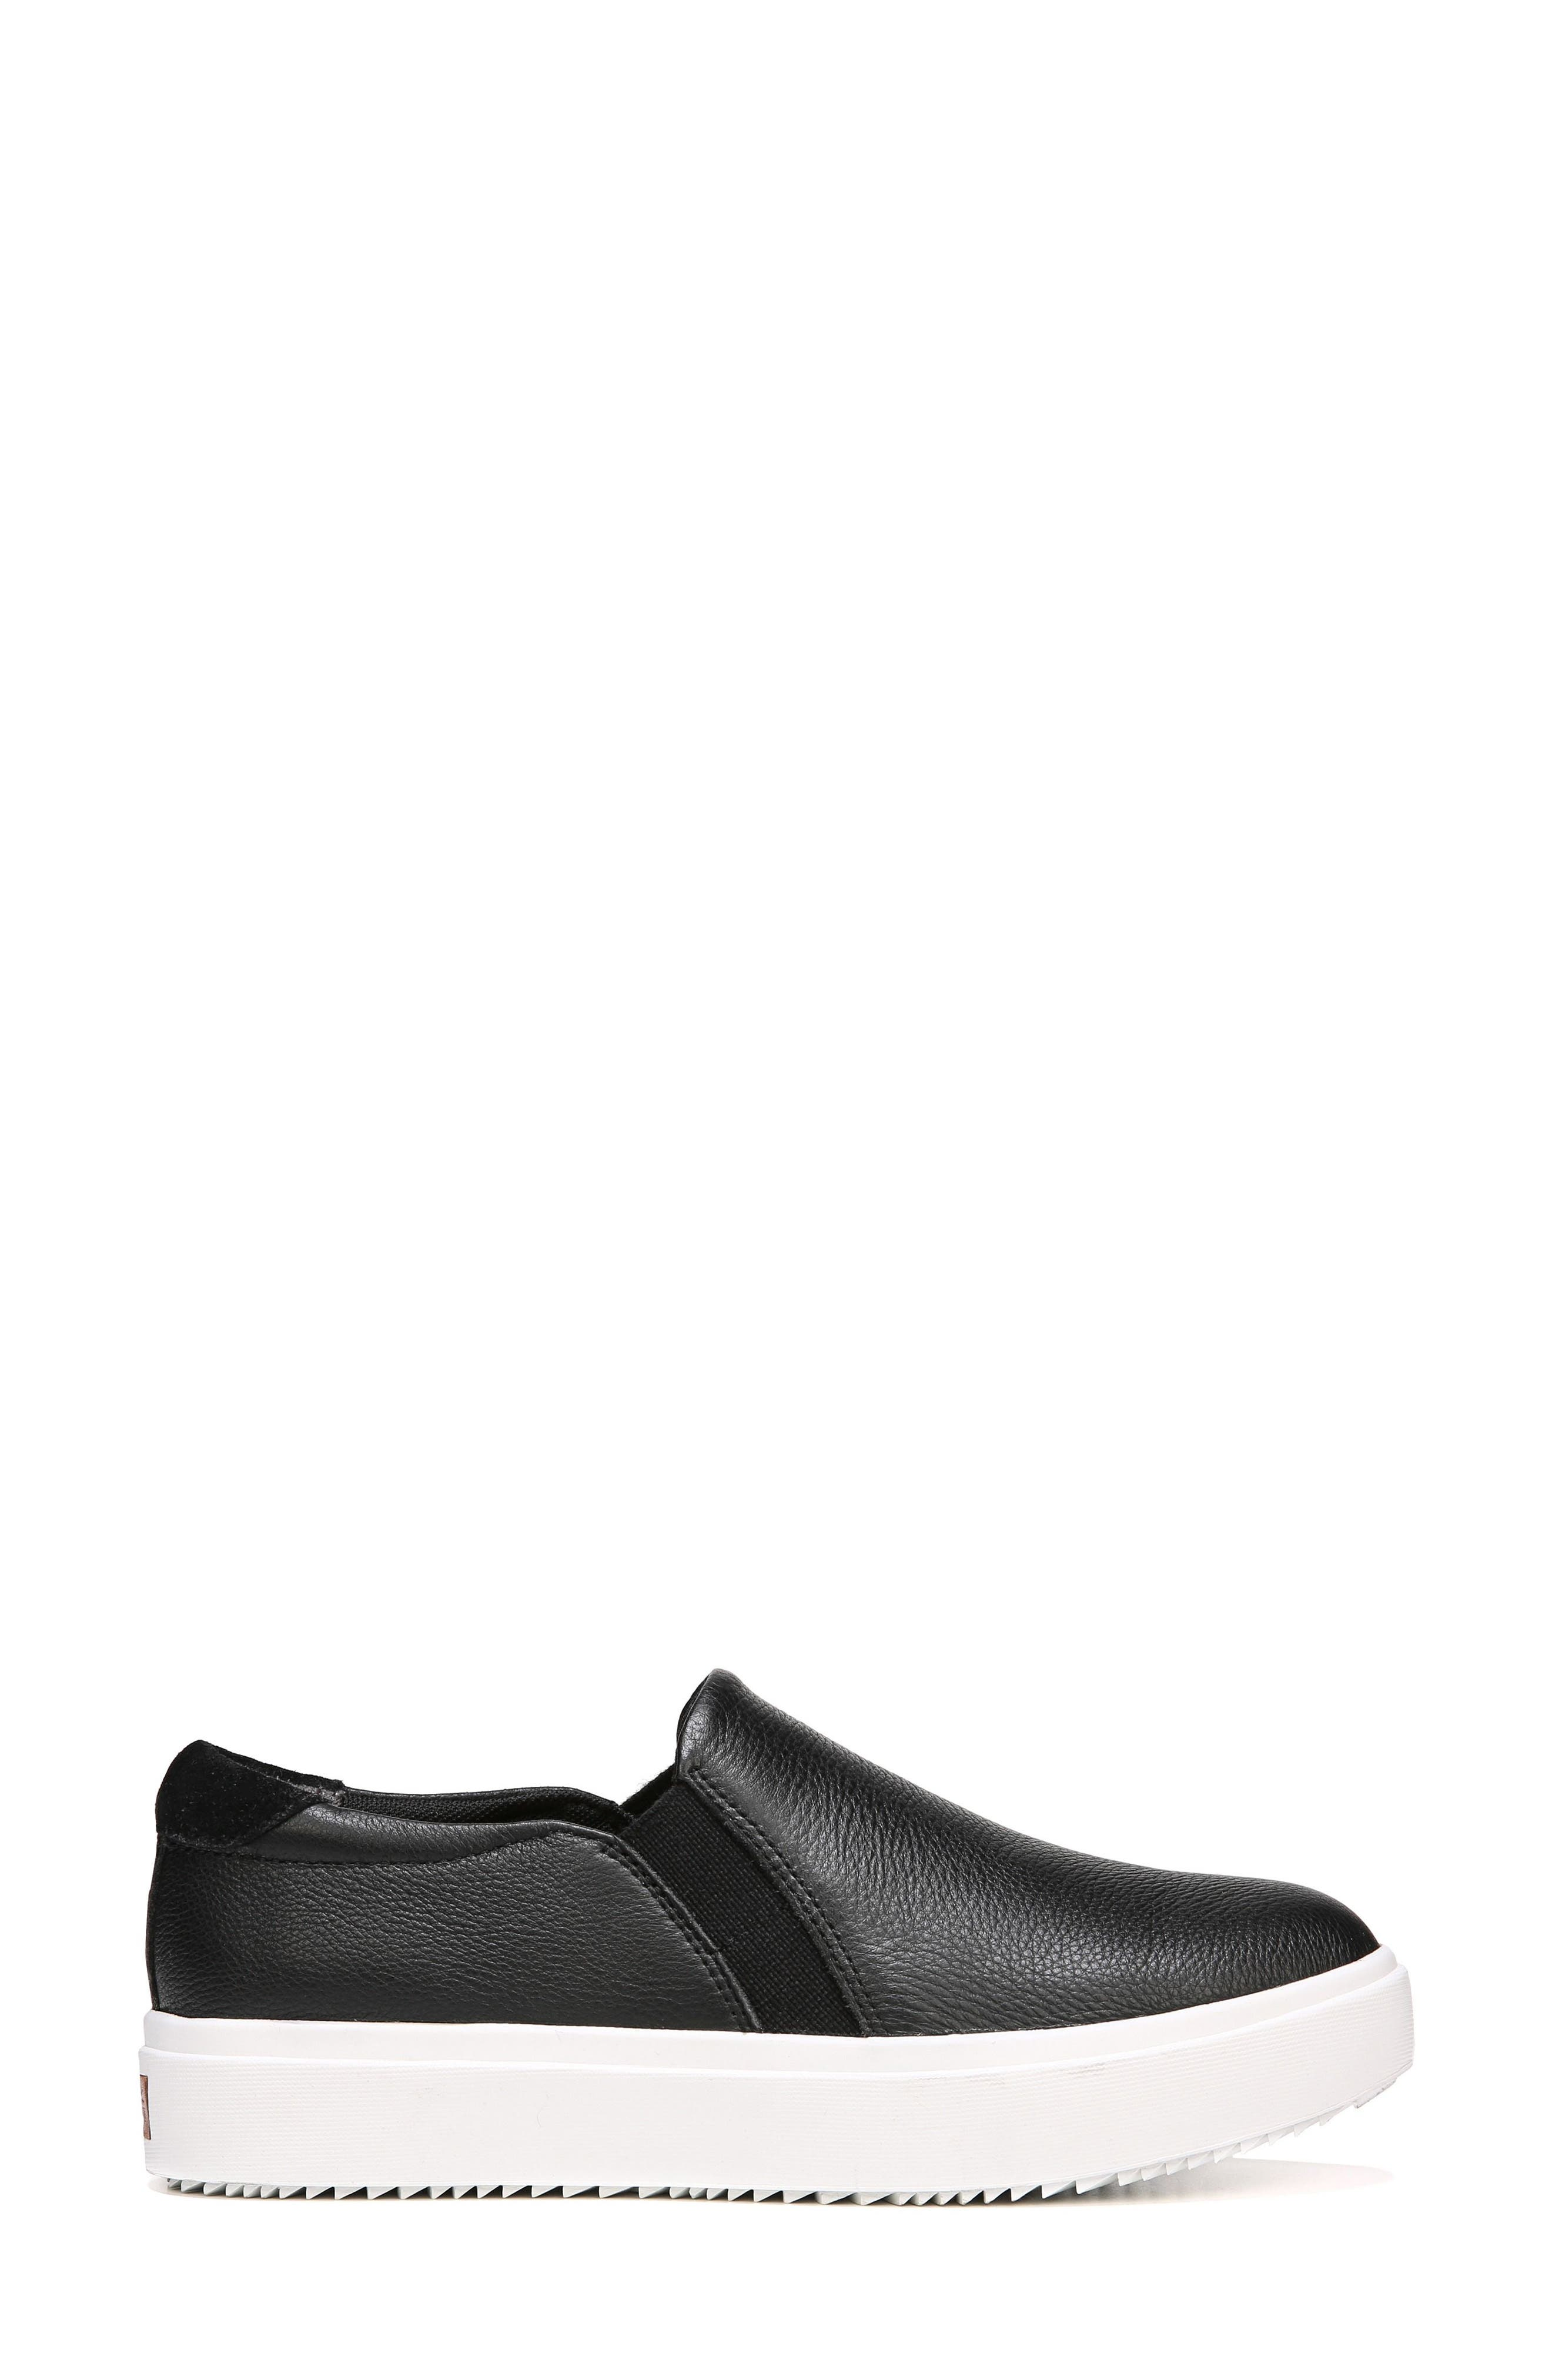 DR. SCHOLL'S, Leta Slip-On Sneaker, Alternate thumbnail 2, color, BLACK LEATHER